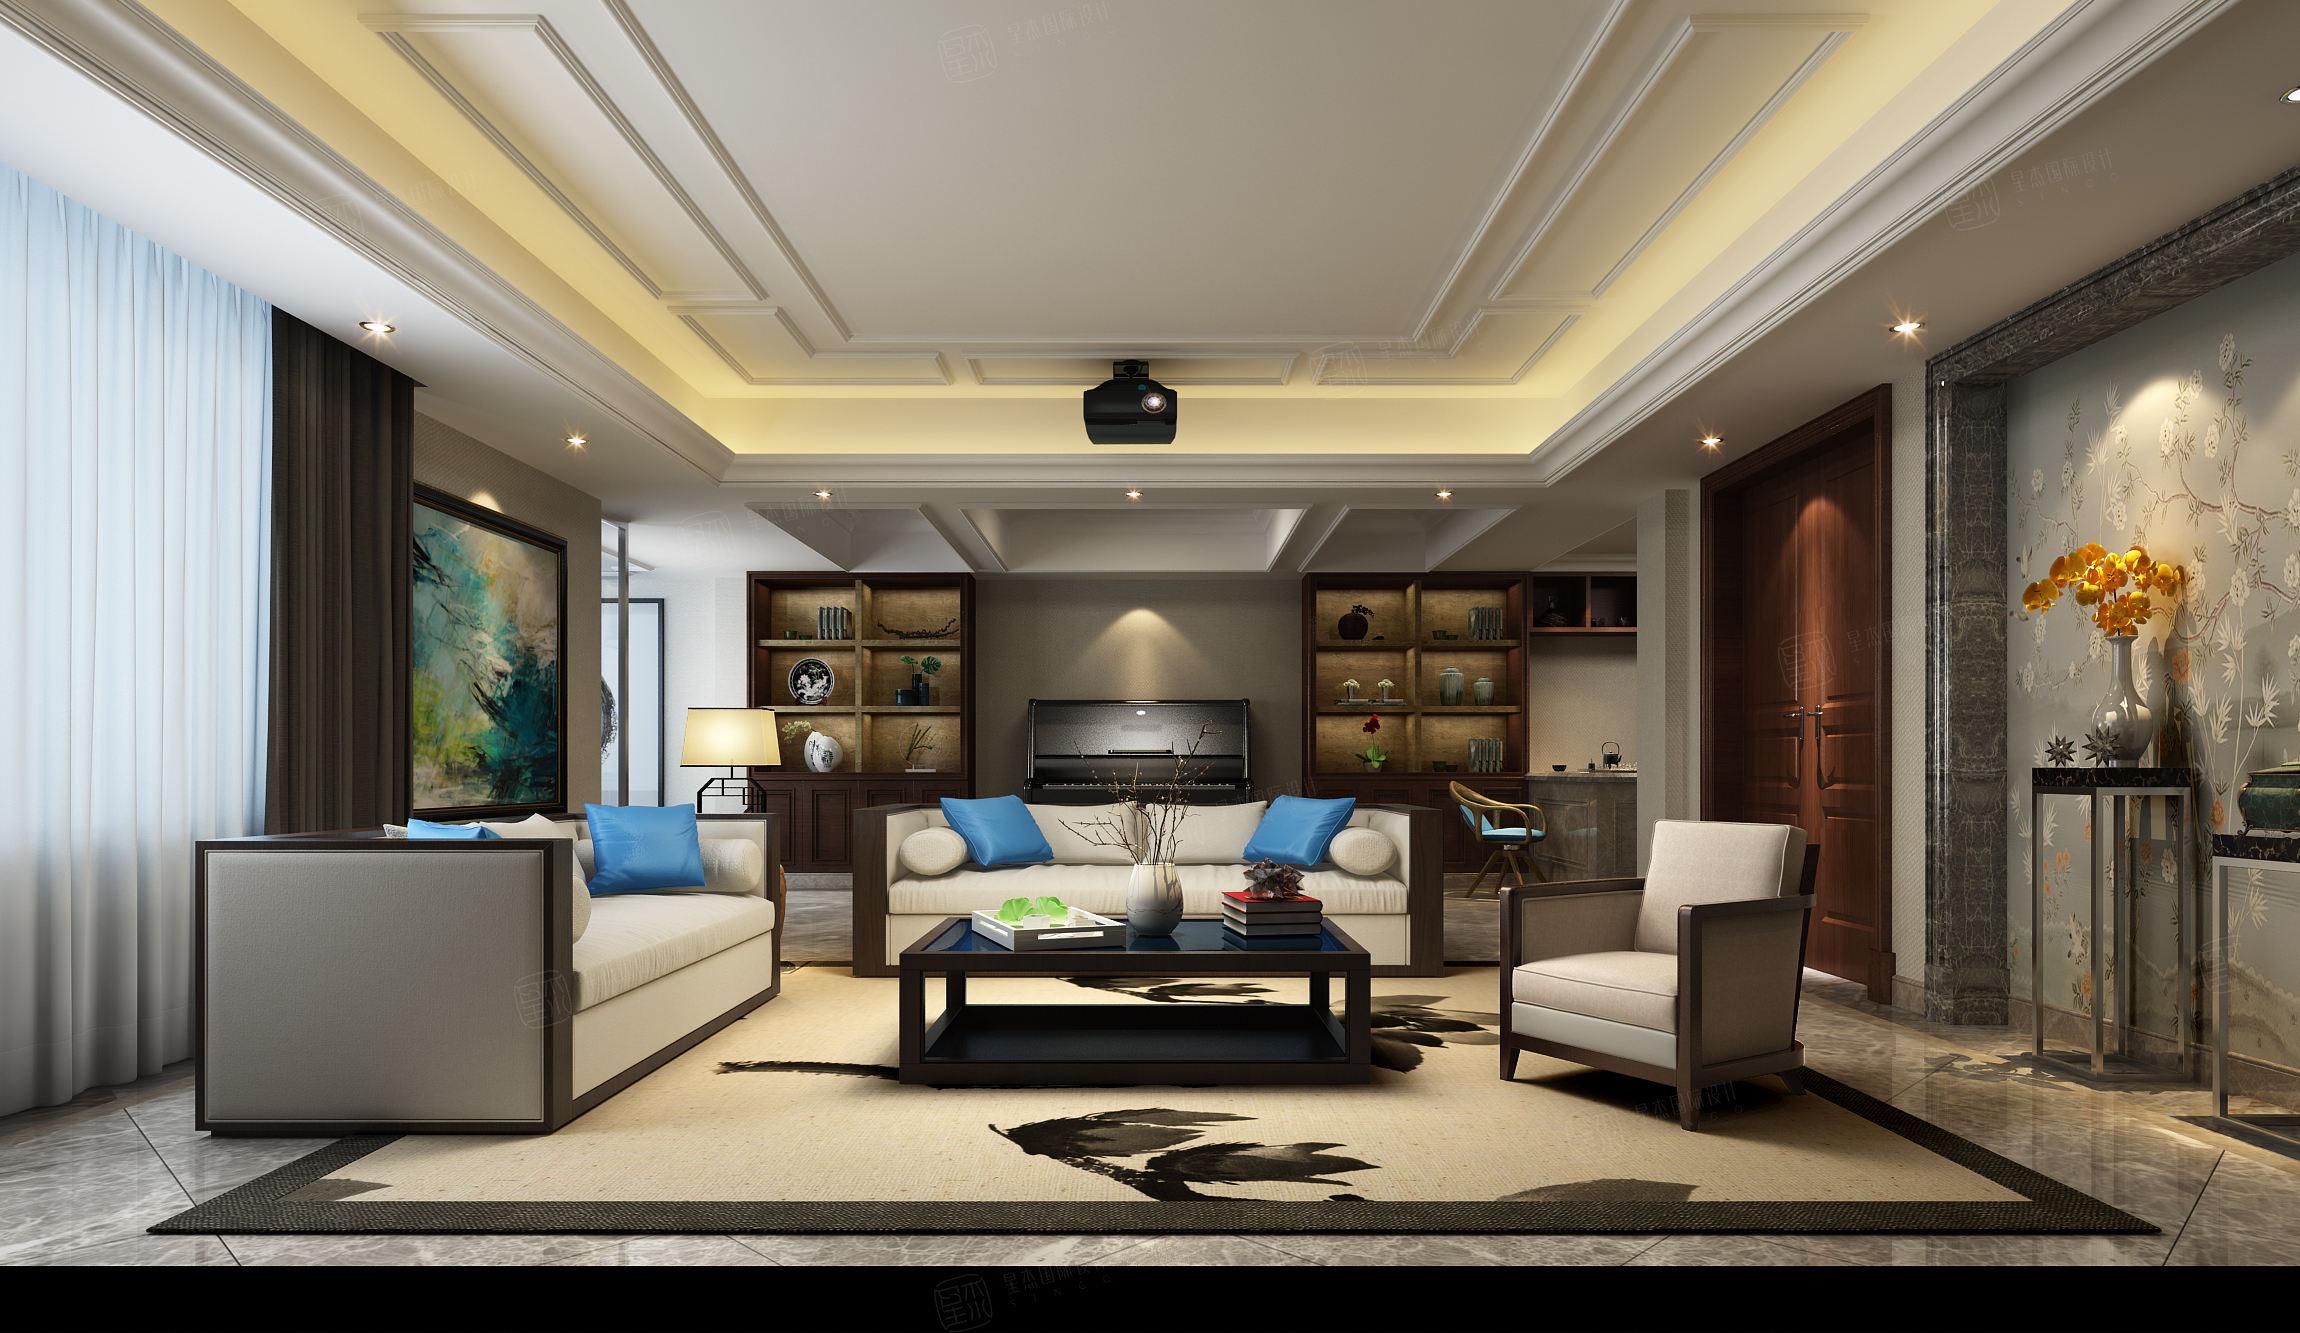 尚东鼎 新中式装修会客厅效果图